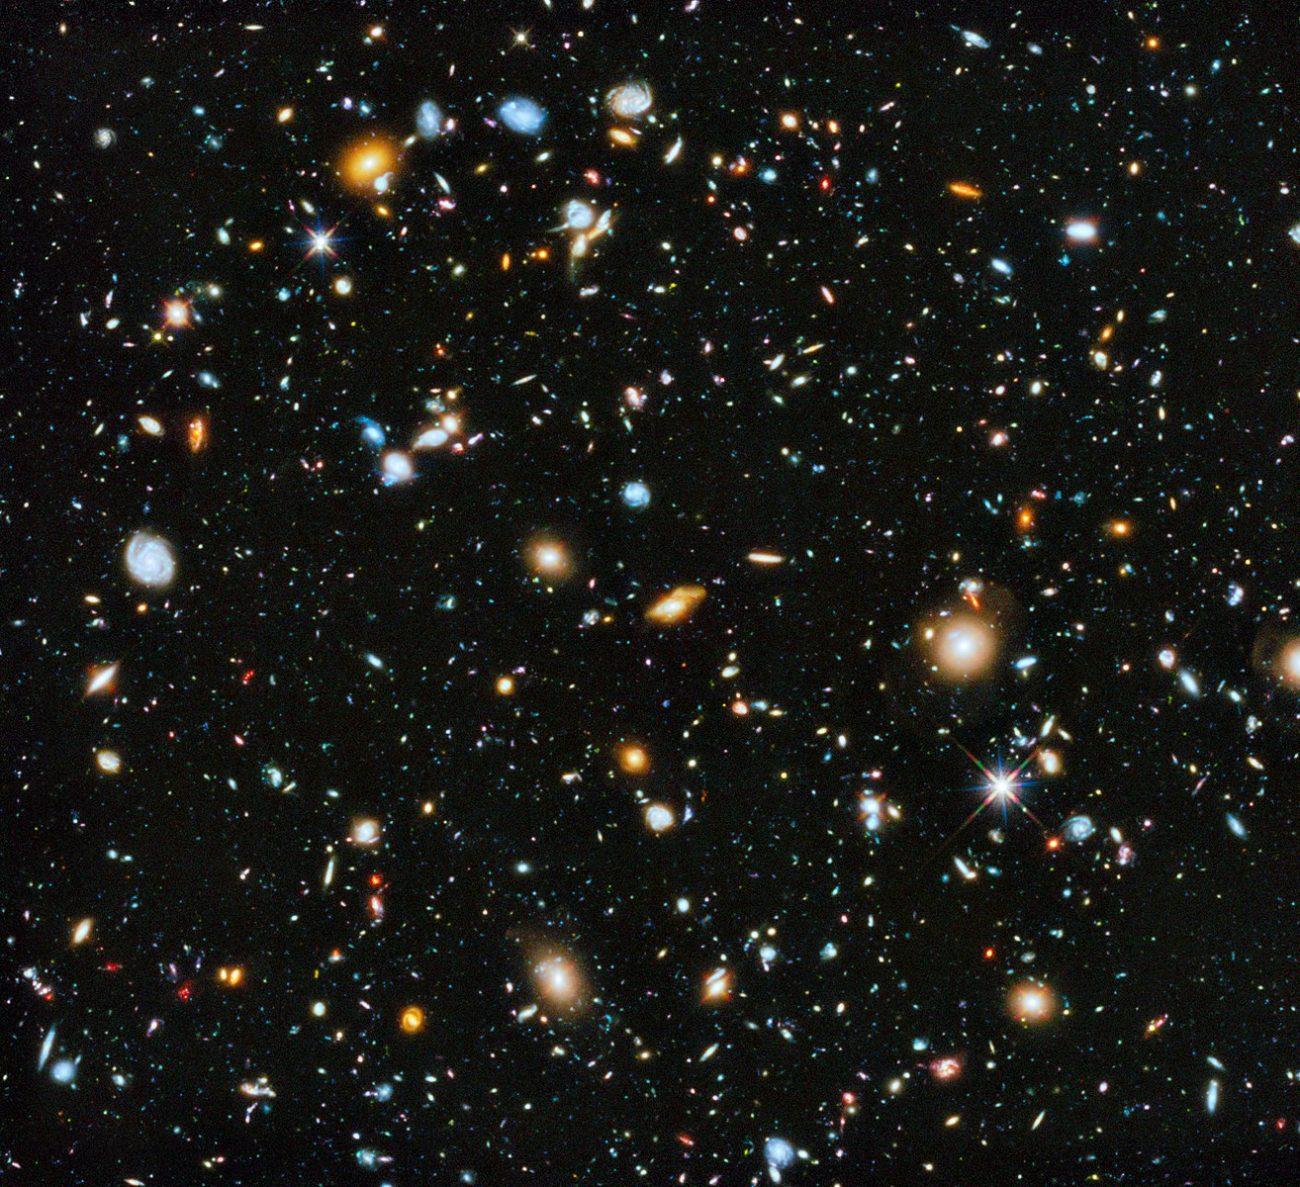 Imagen compuesta que muestra el espectro de luz visible y de infrarrojo cercano Esta es una imagen compuesta que muestra el espectro de luz visible y de infrarrojo cercano recopilada de los instrumentos ACS y WFC3 de Hubble durante un período de nueve años.